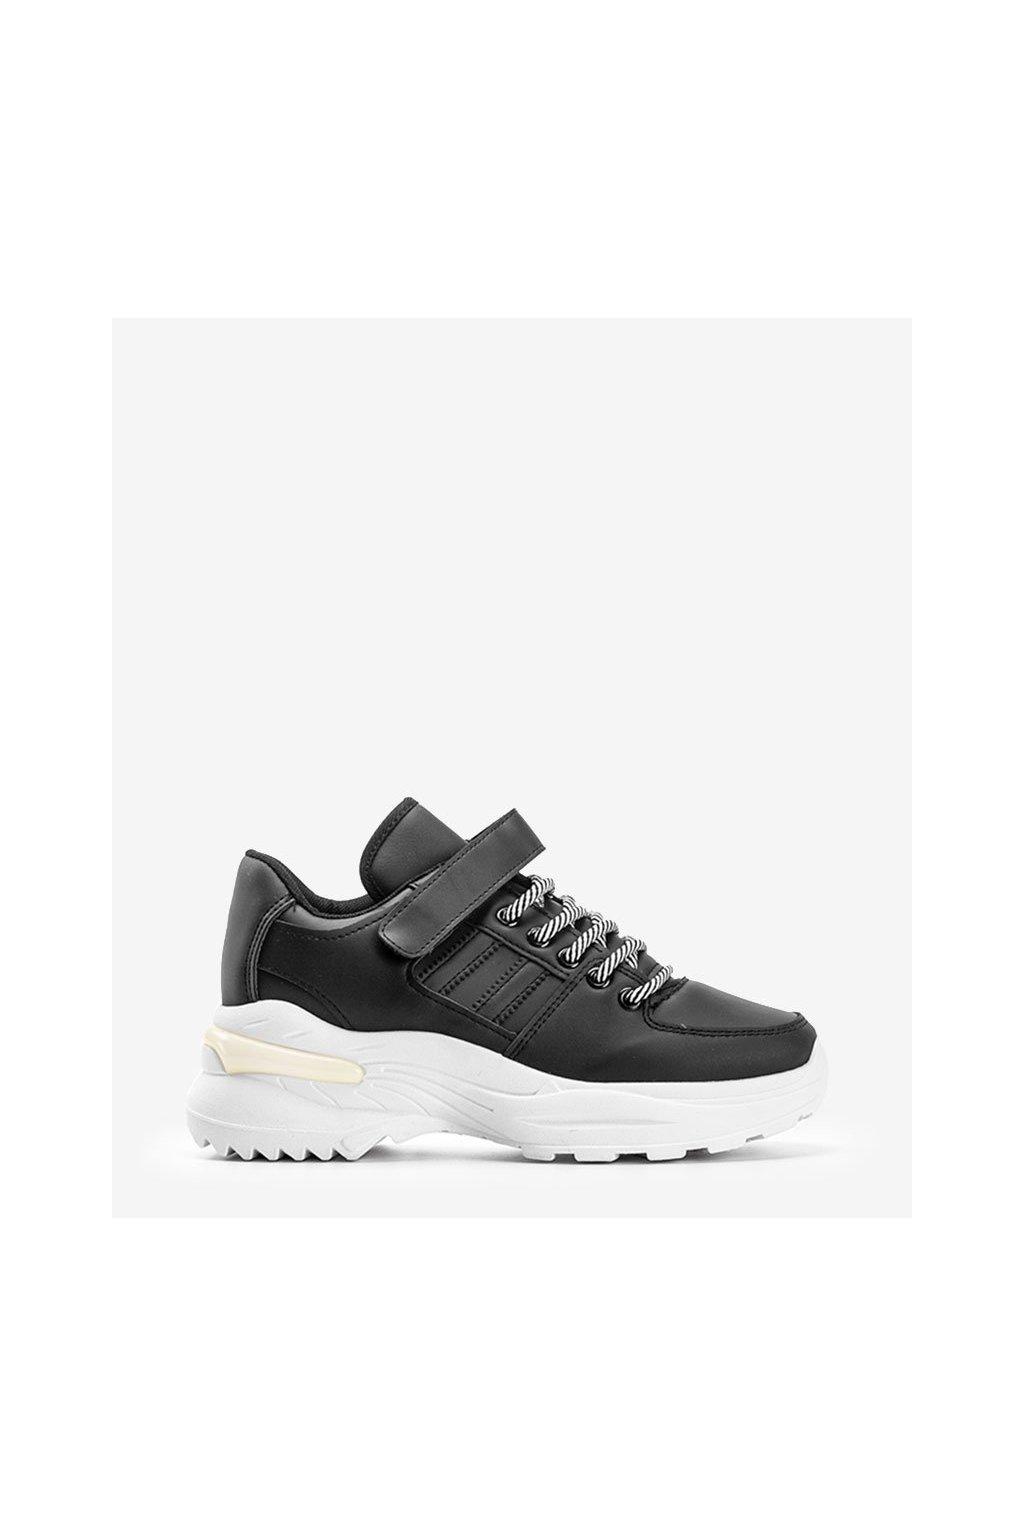 Dámske topánky tenisky čierne kód LL1760 BL - GM